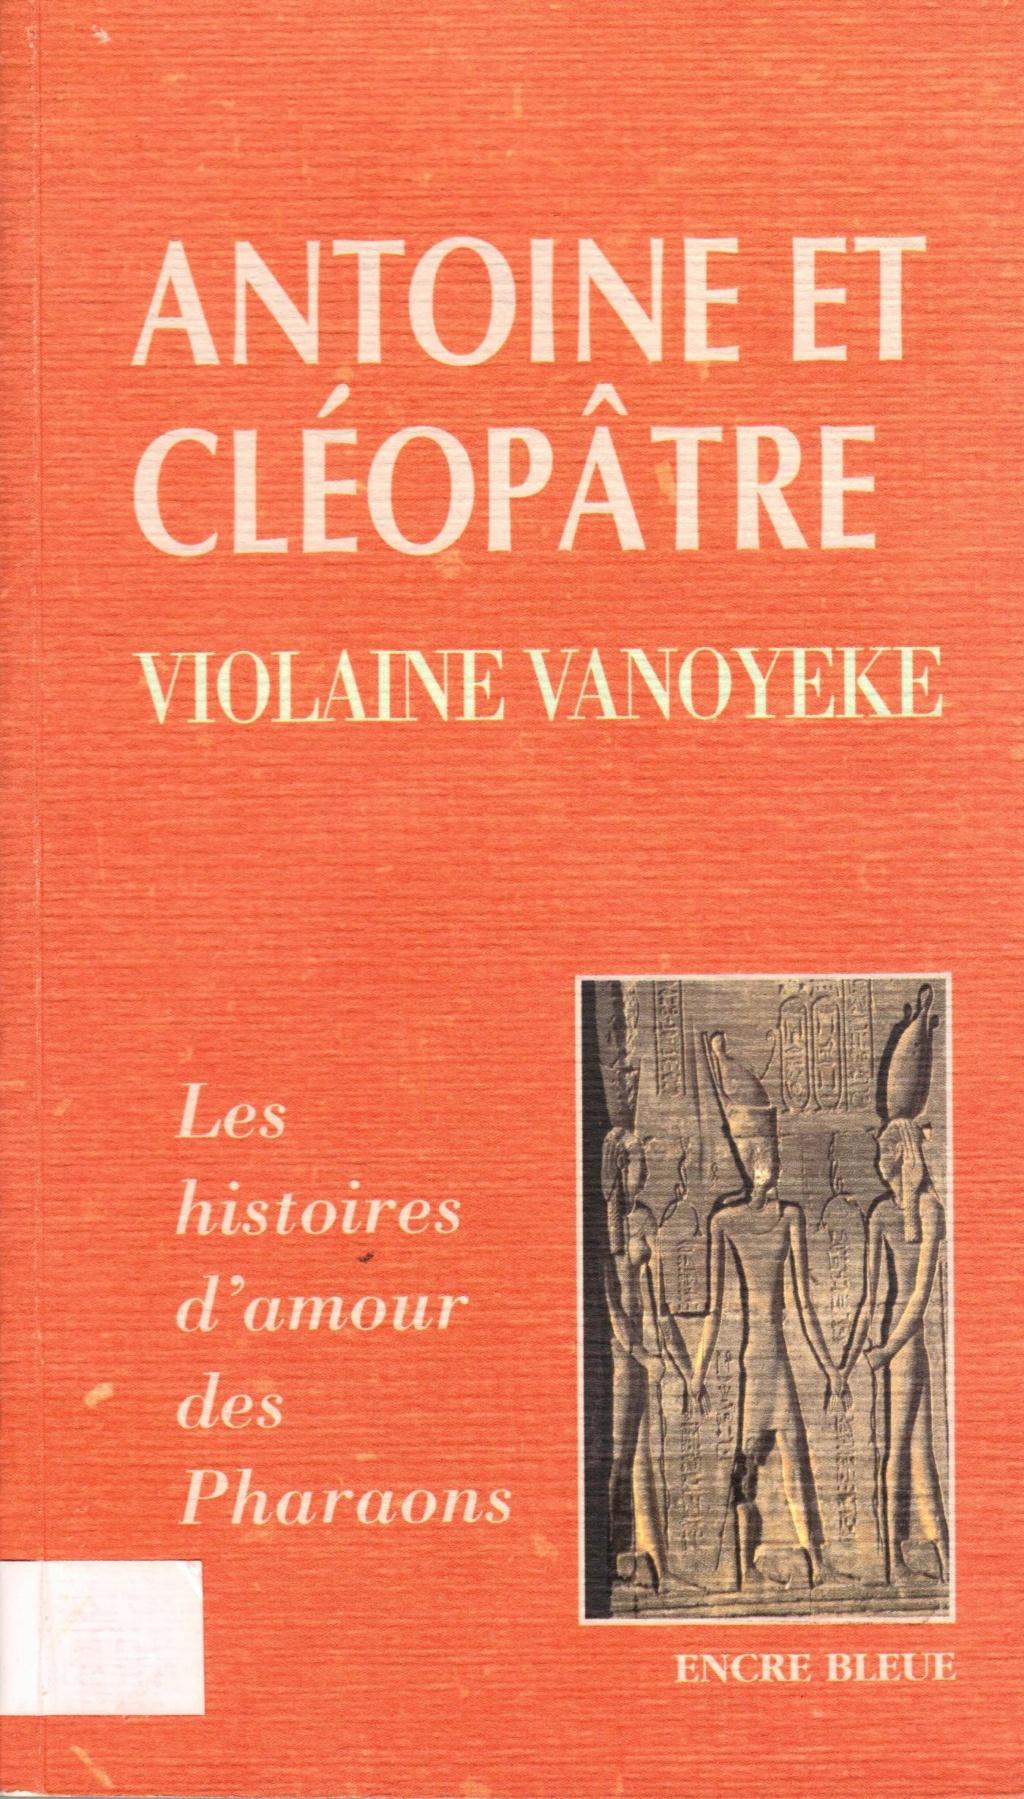 Cléopâtre, reine d'Egypte - Page 4 9100wz11